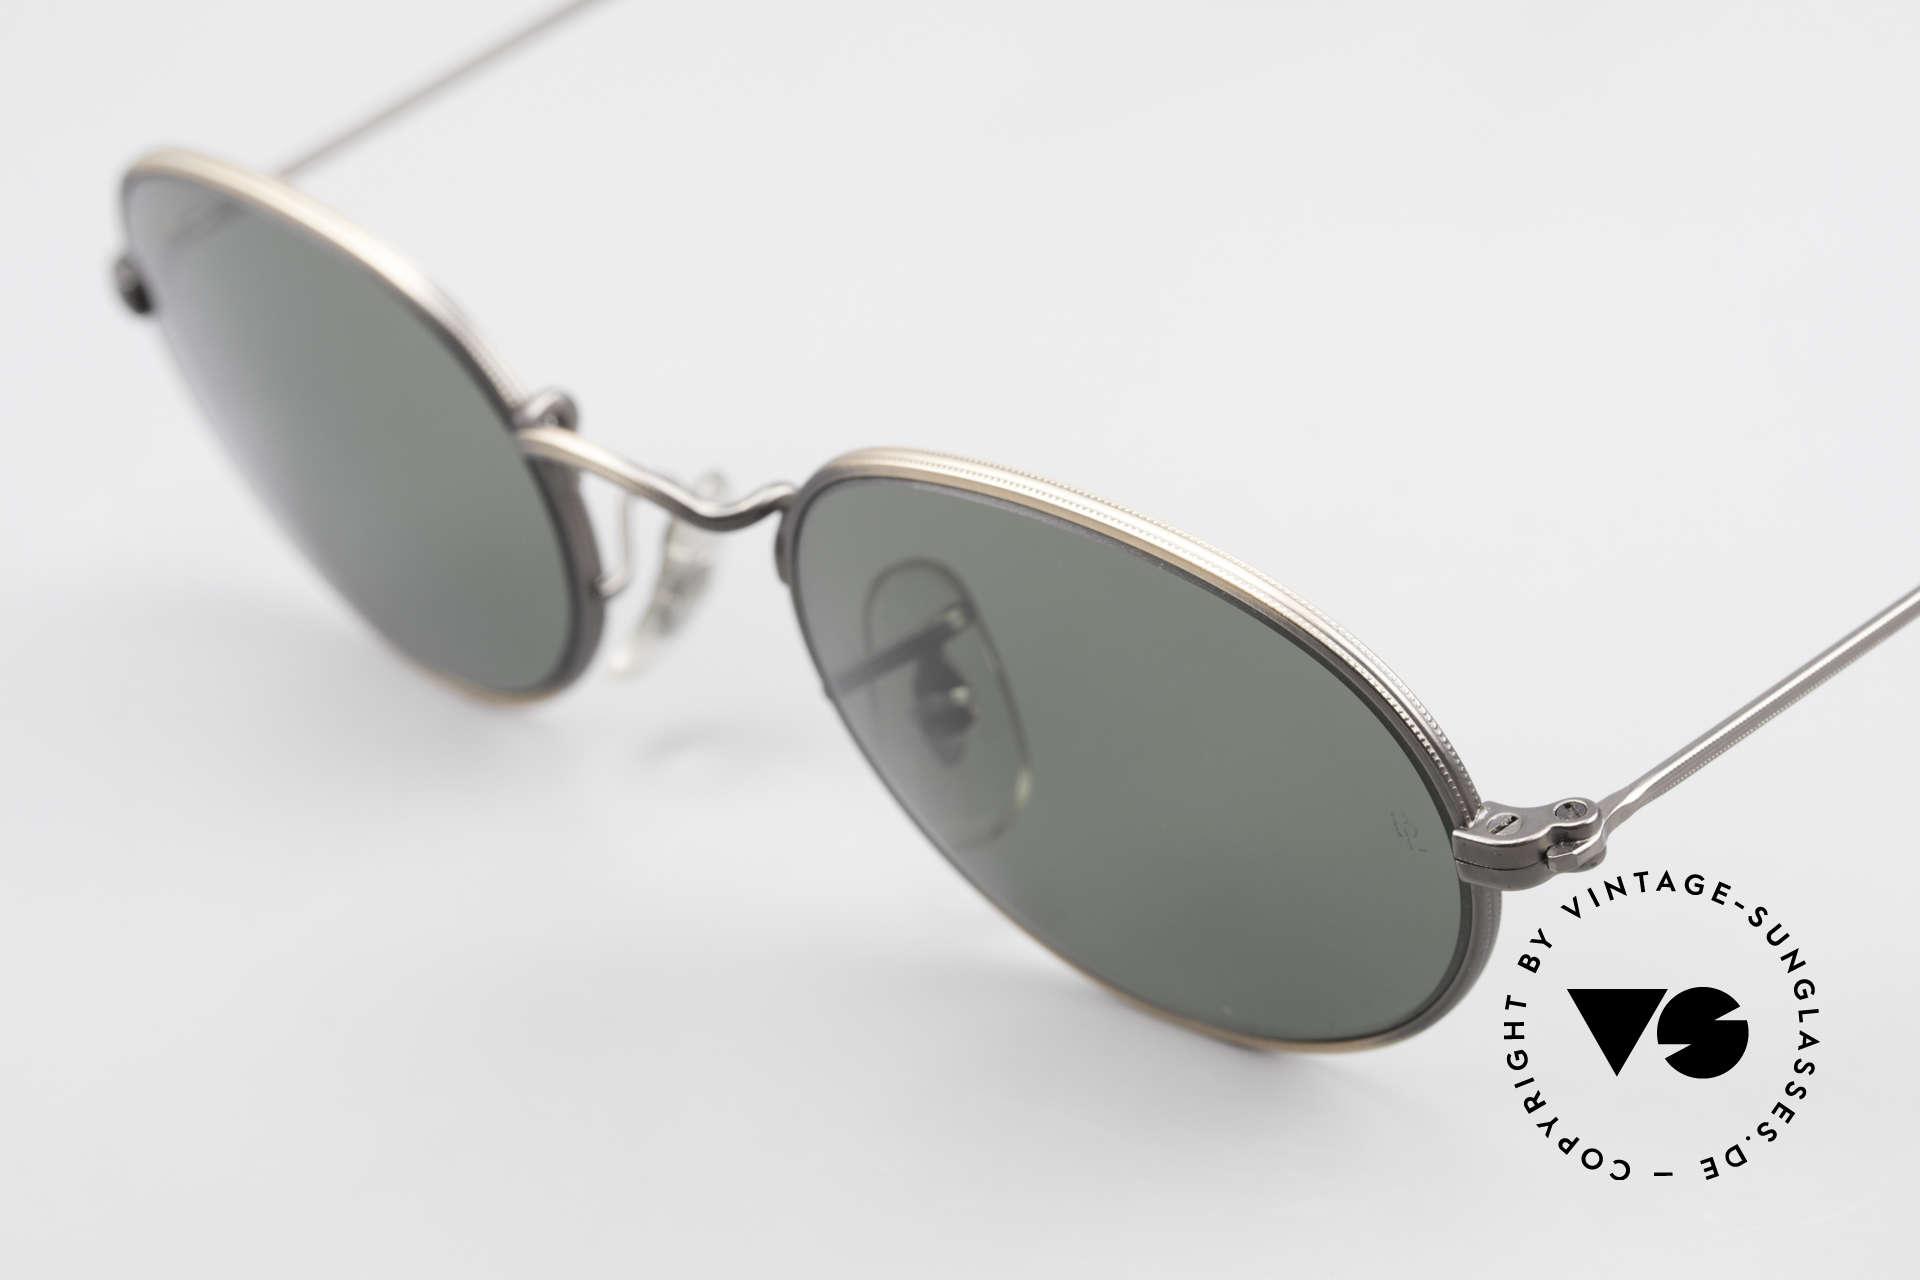 Ray Ban Classic Style I Ovale Ray-Ban Sonnenbrille, ungetragen (wie alle unsere vintage USA Ray Bans), Passend für Herren und Damen